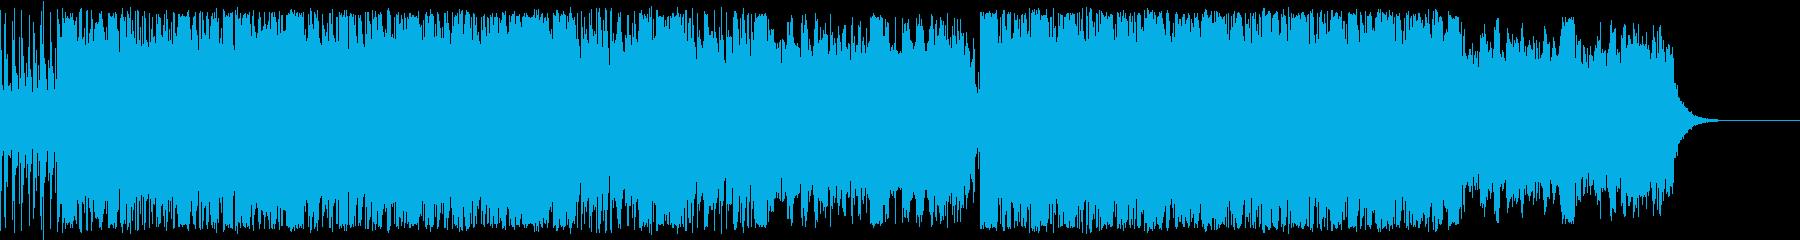 ファンタジー/ゲーム/ケルトの再生済みの波形